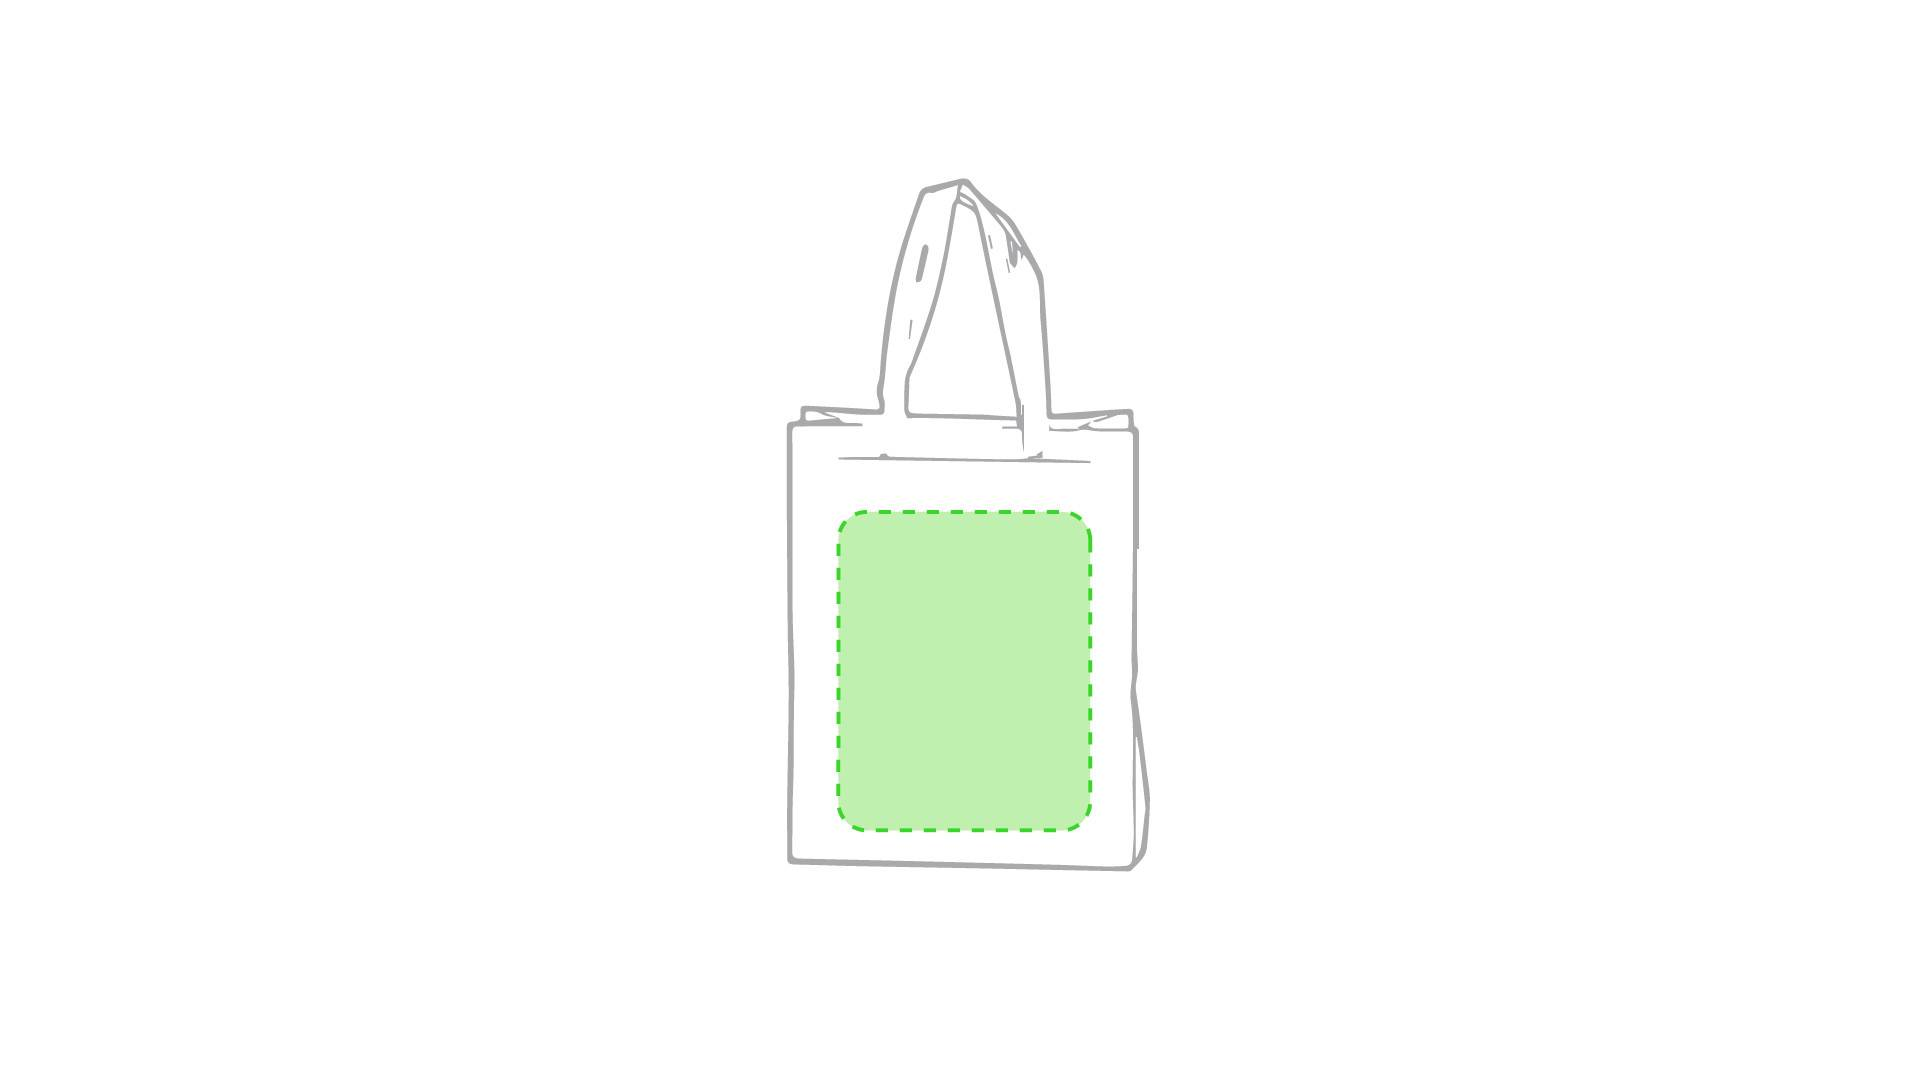 Bolsa de non woven con fuelle de colores 1